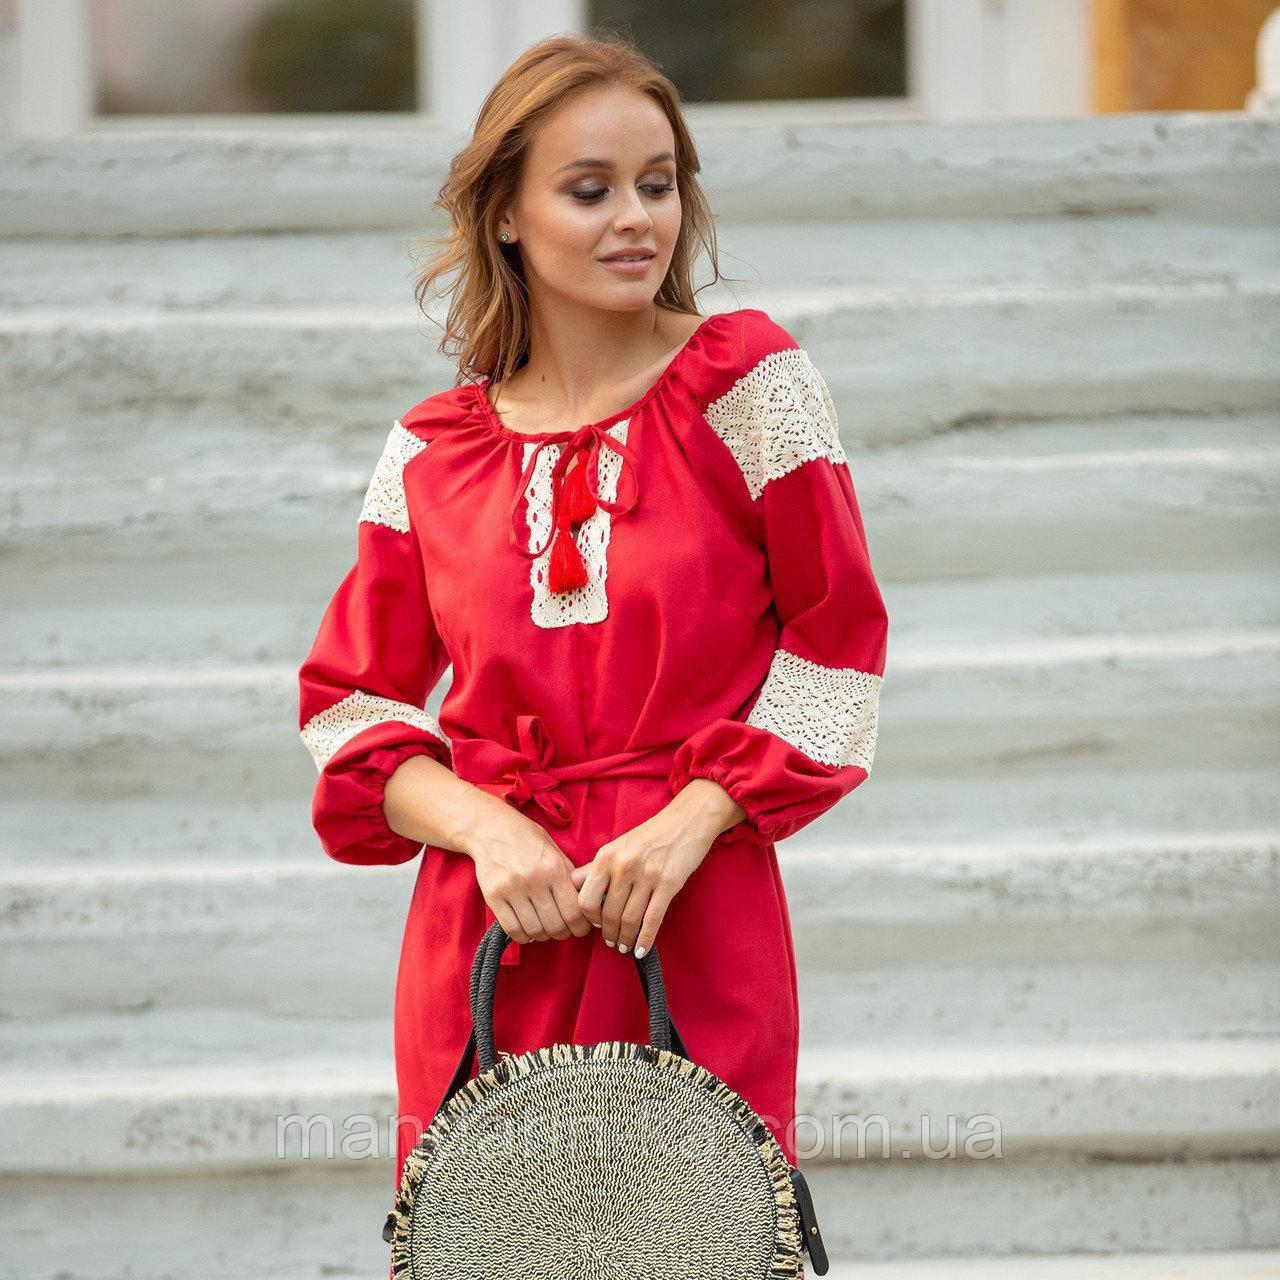 Платье женское красное   стильное  льняное с кружевом  в этно-стиле